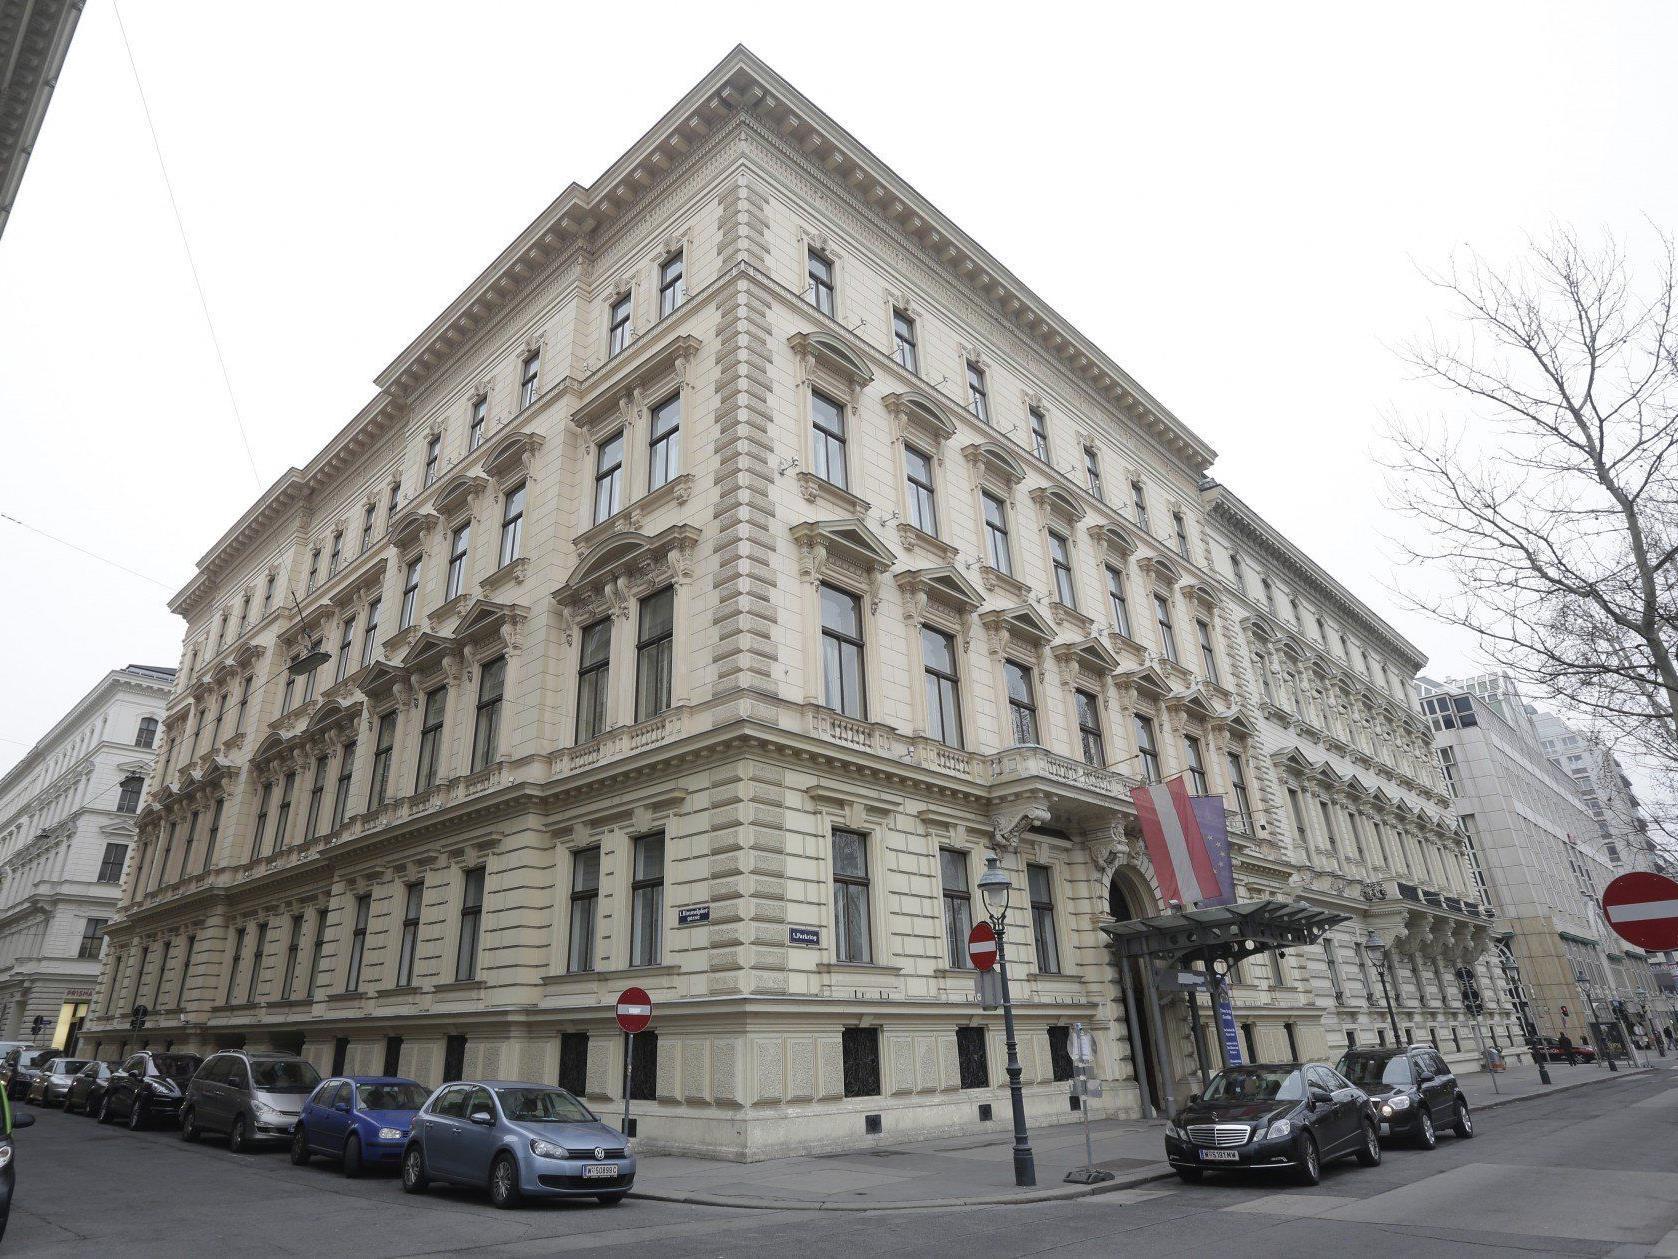 Das ehemalige radisson Hotel soll ein neues Luxushotel werden..